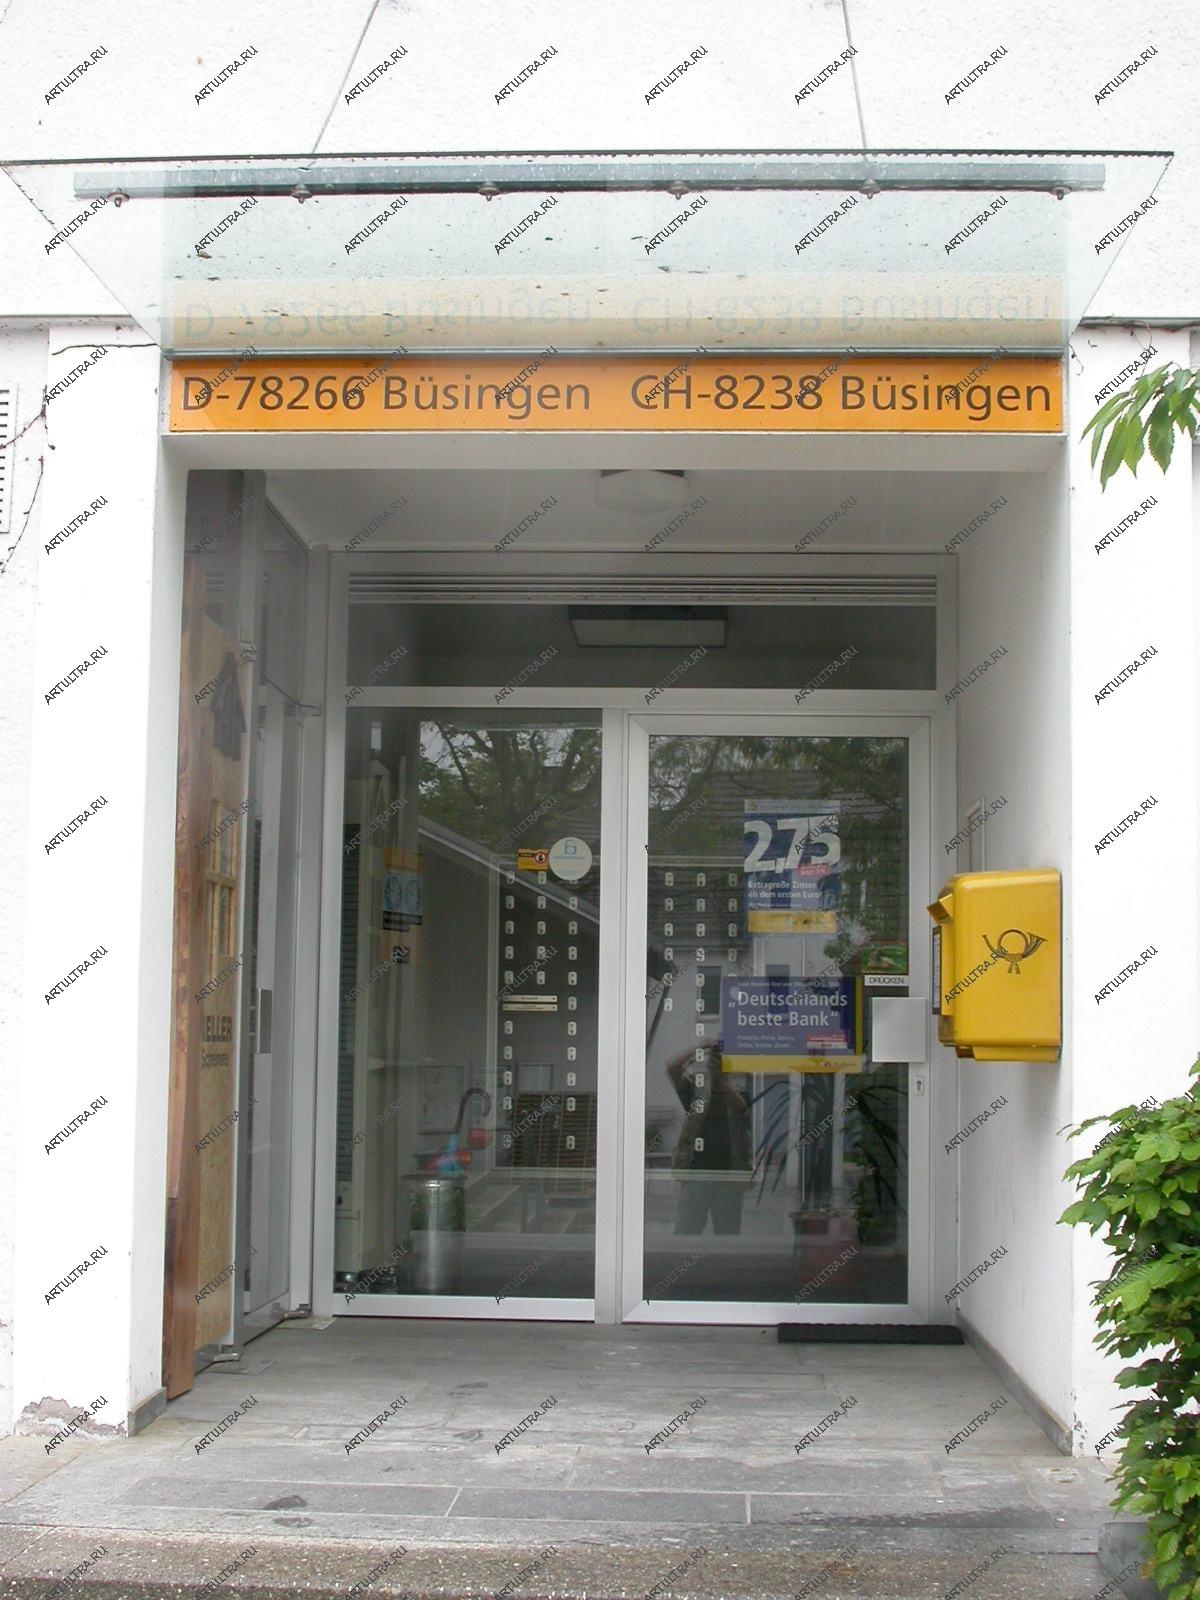 двери входные в офисное здание